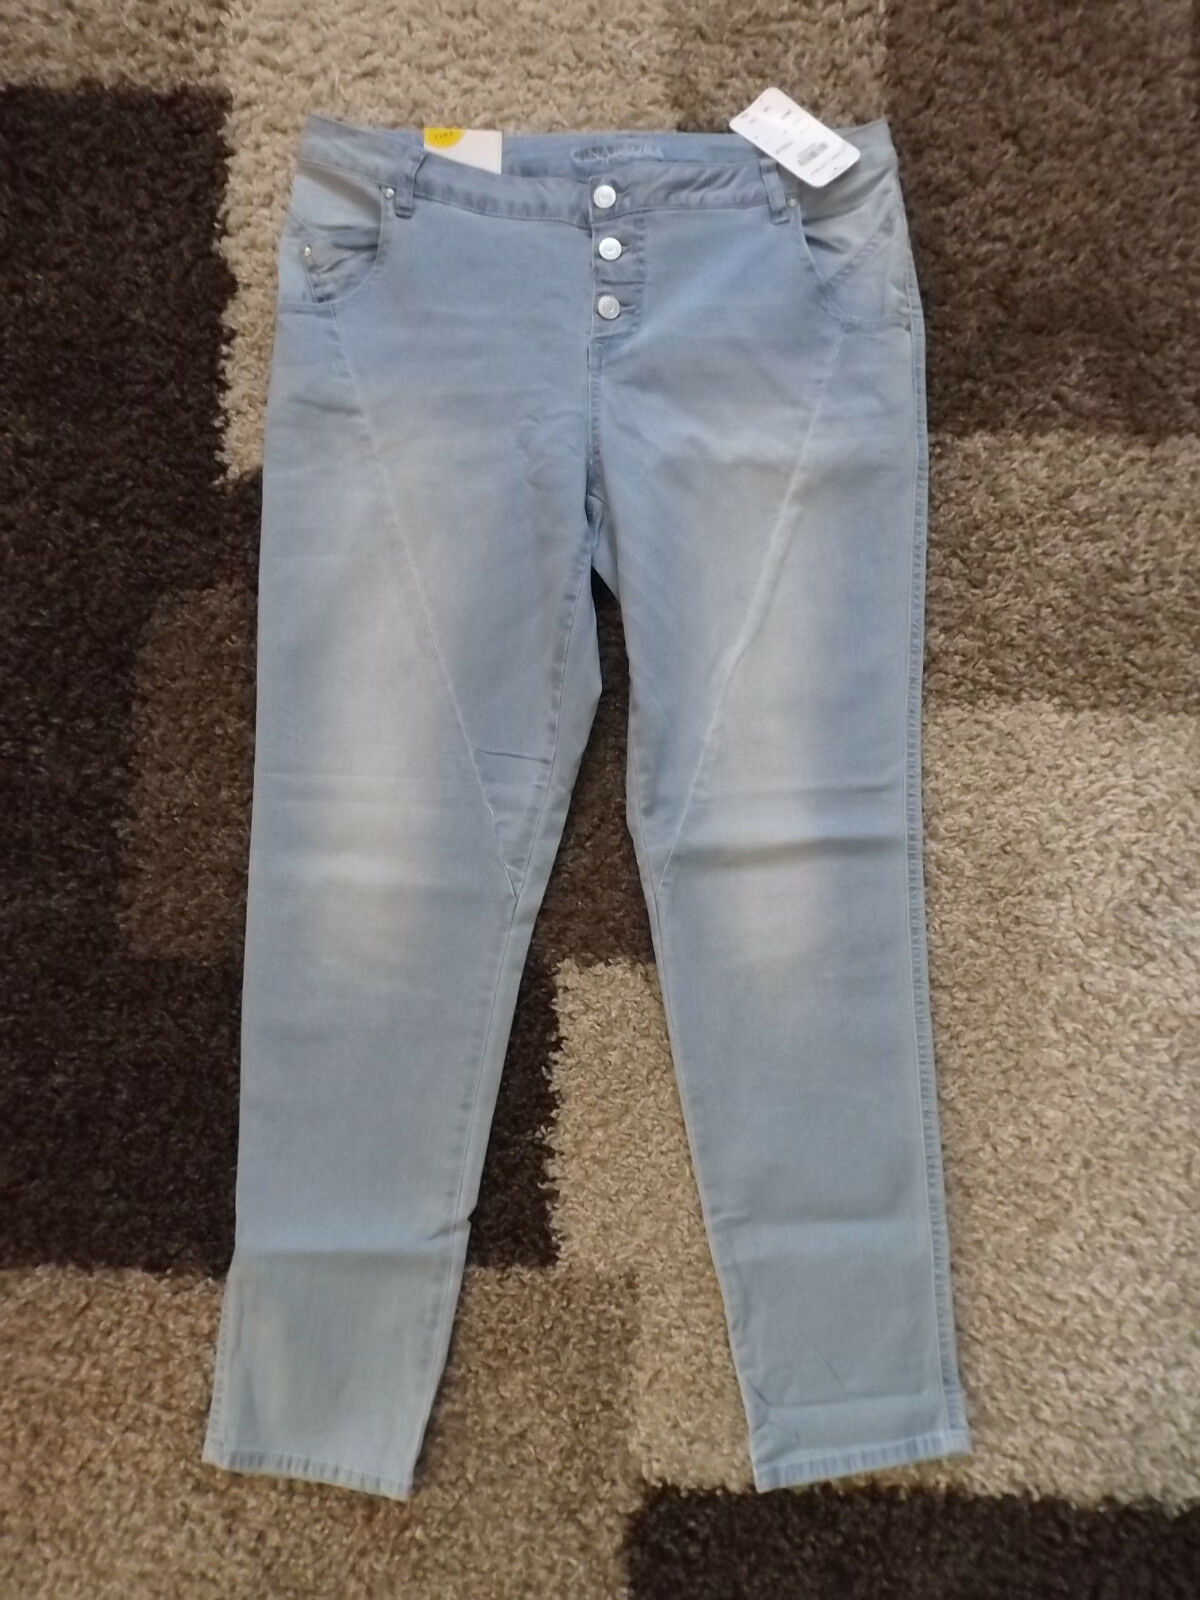 GINA LAURA  42 kurz  (K-Gr. 21) bluee bleached  Jeans geknöpft STRETCH